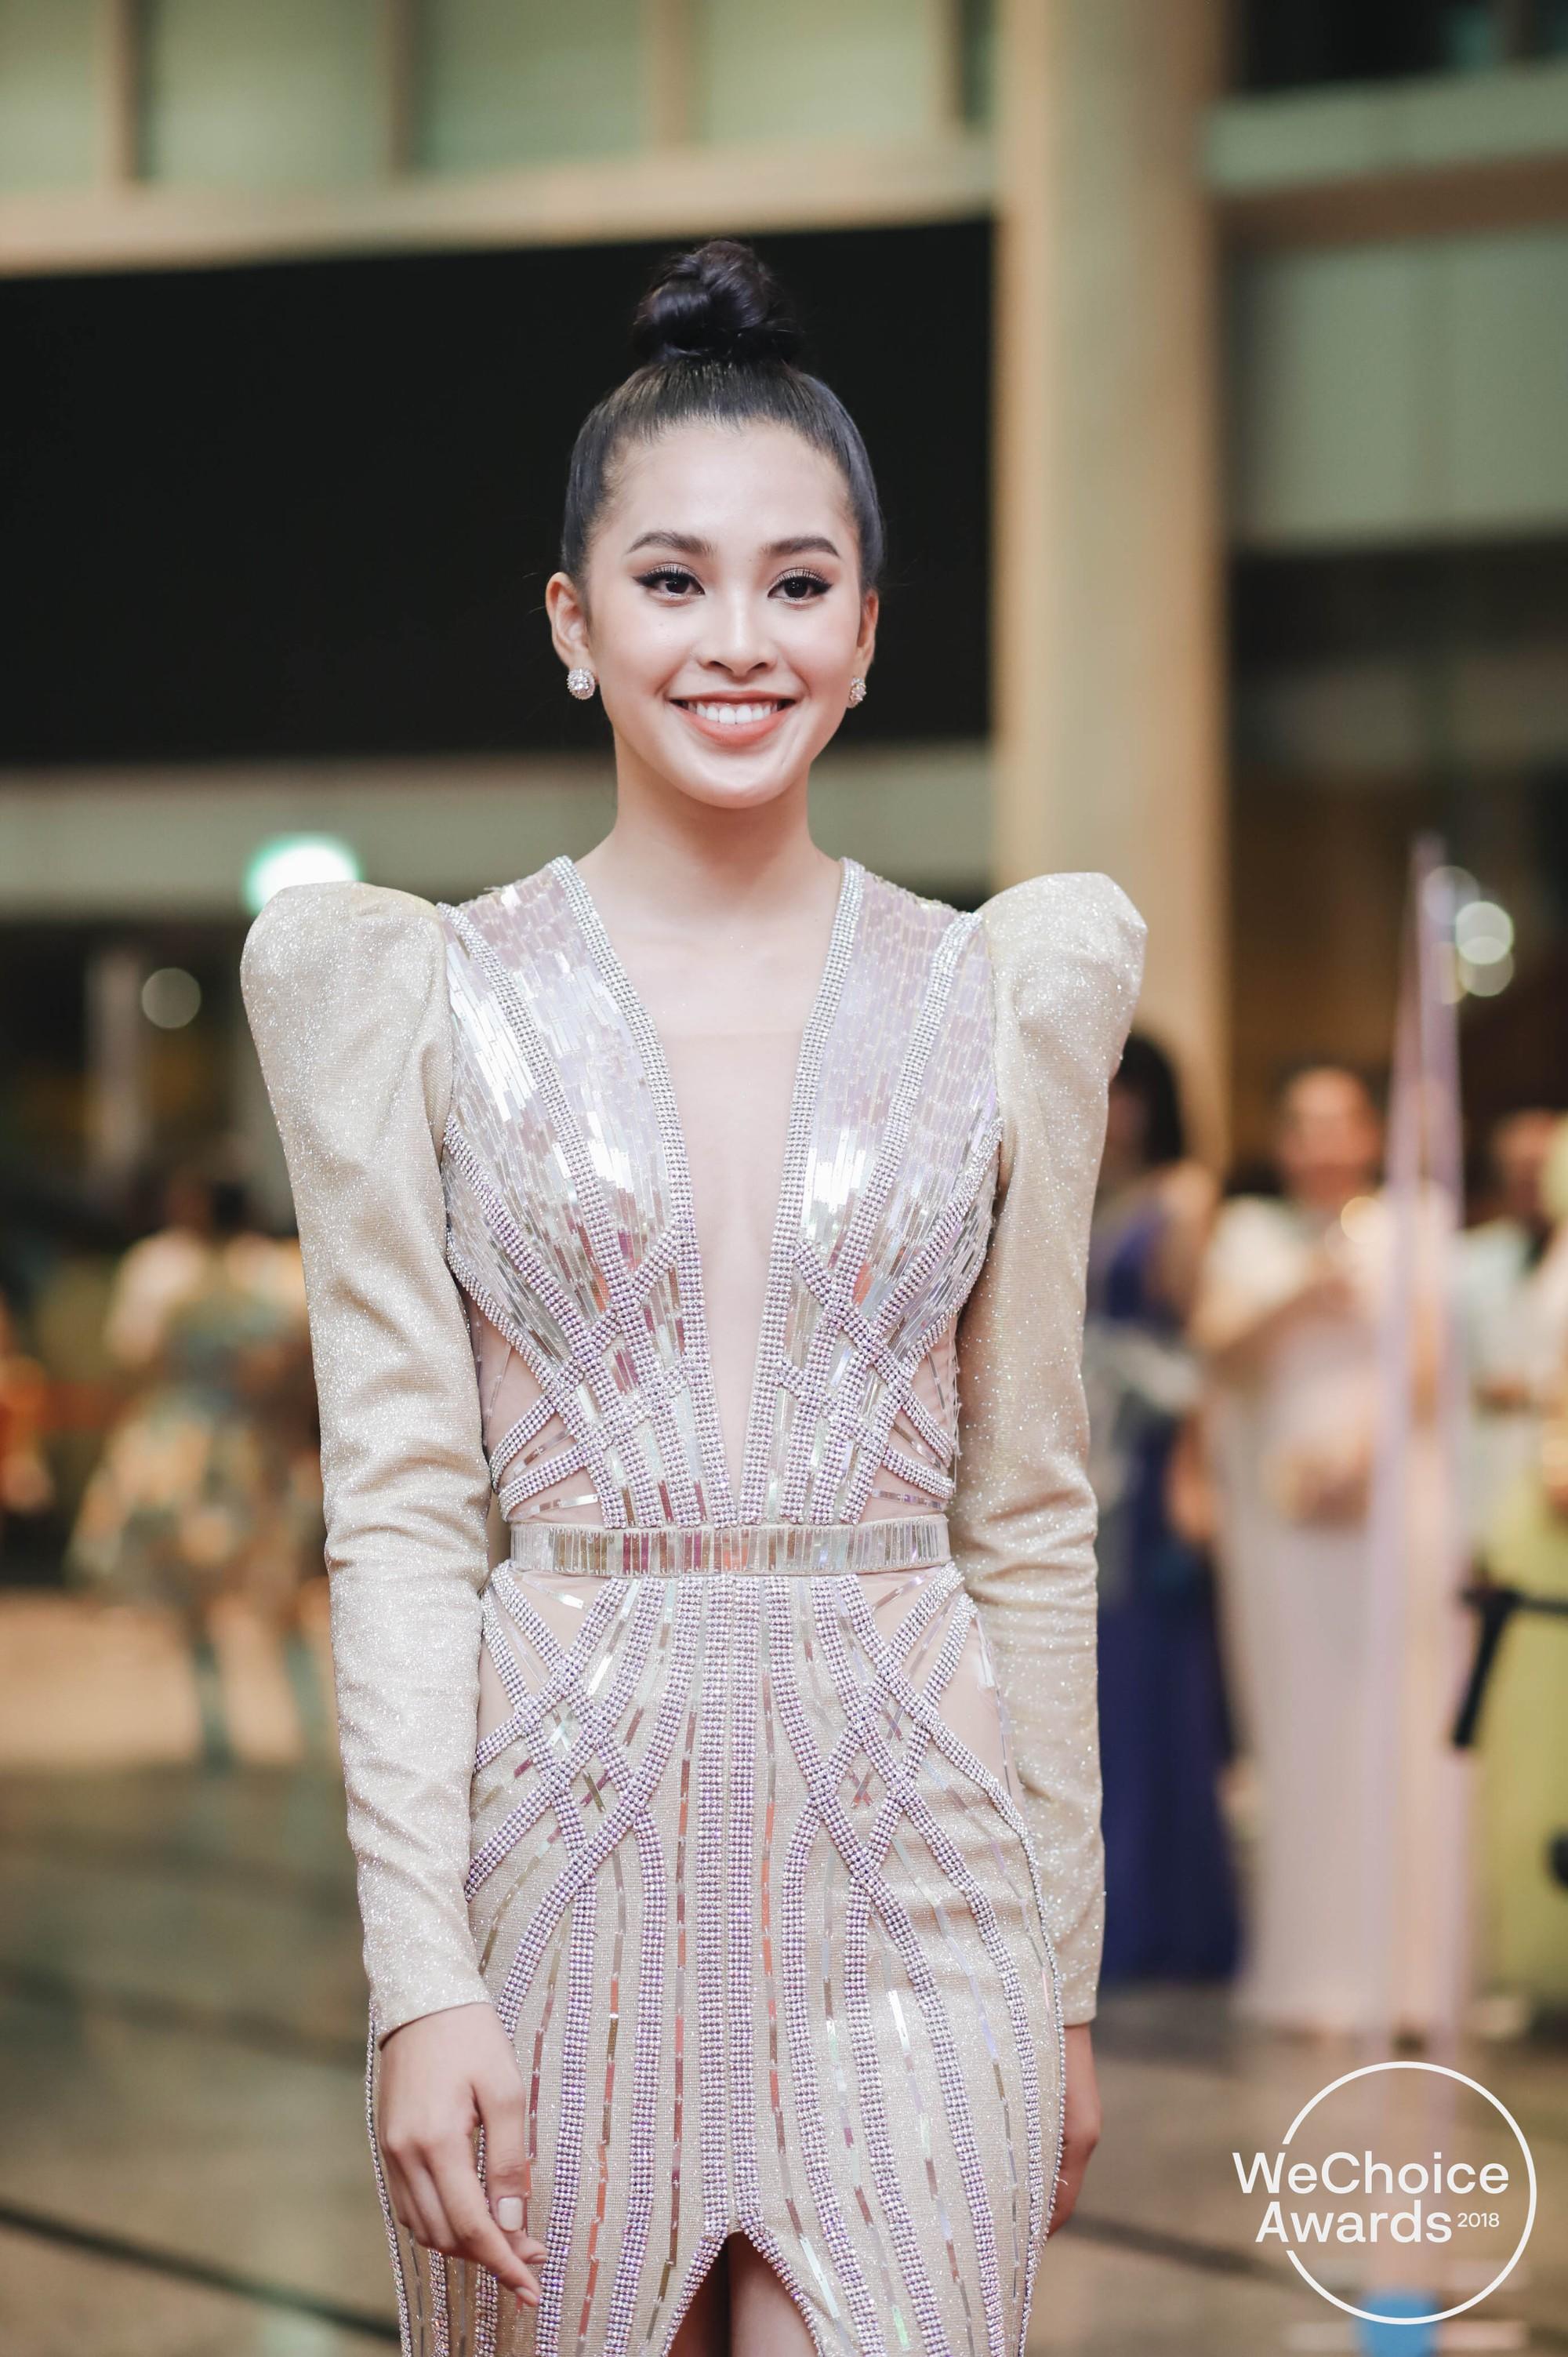 Cử chỉ tình bể bình Hoa hậu Tiểu Vy dành cho Đỗ Mỹ Linh ngay trên sóng truyền hình trực tiếp gây bão MXH-3